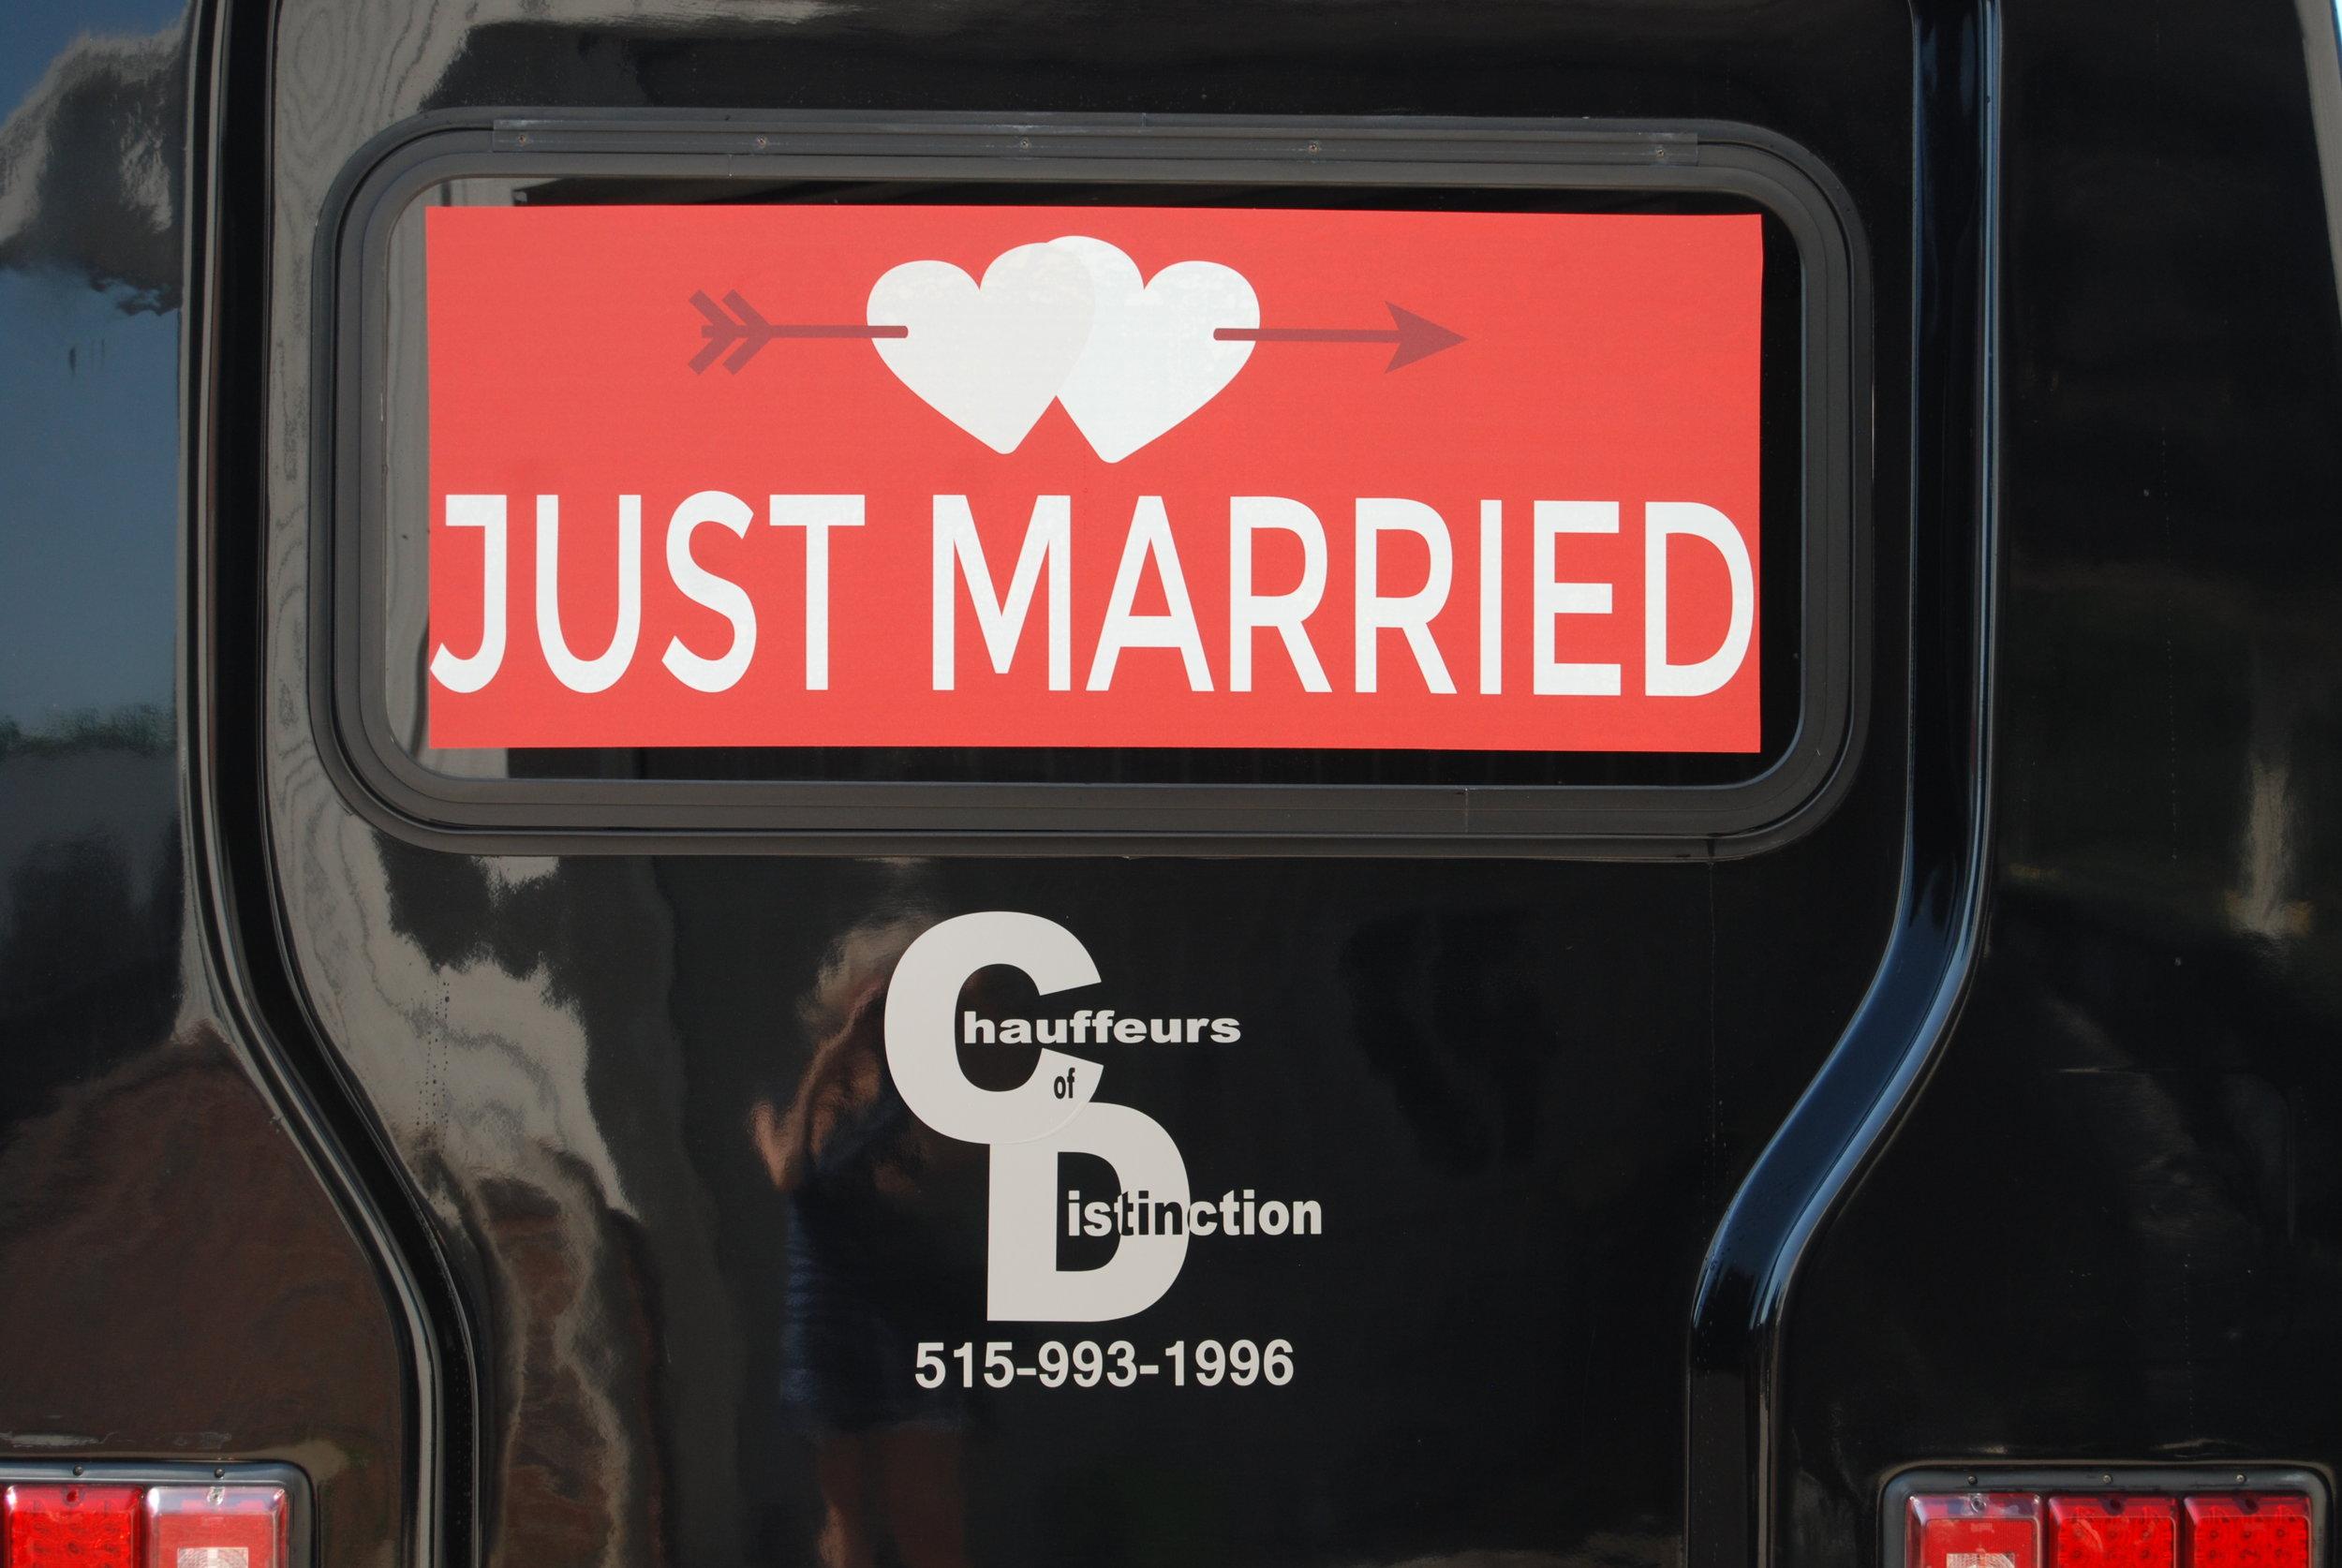 14 just married.JPG